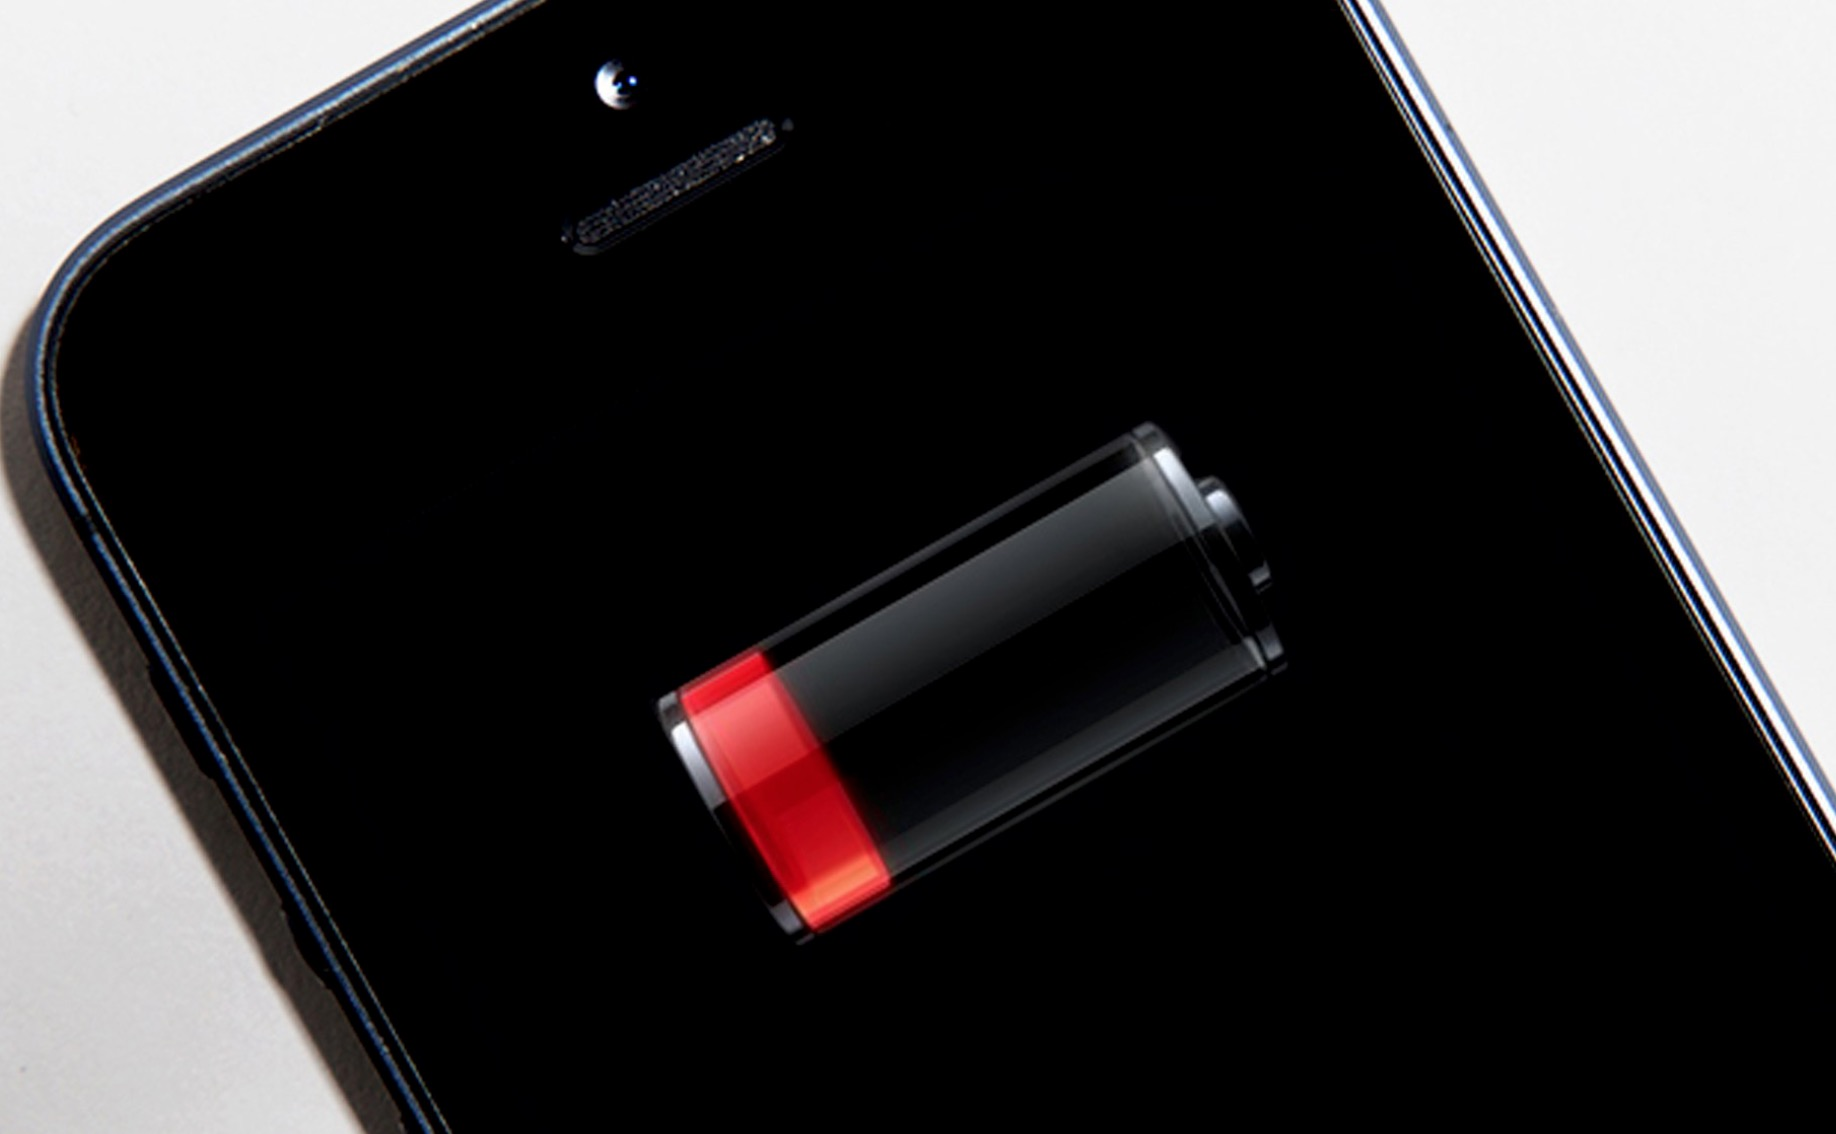 Stato batteria iPhone: come controllare la sua salute